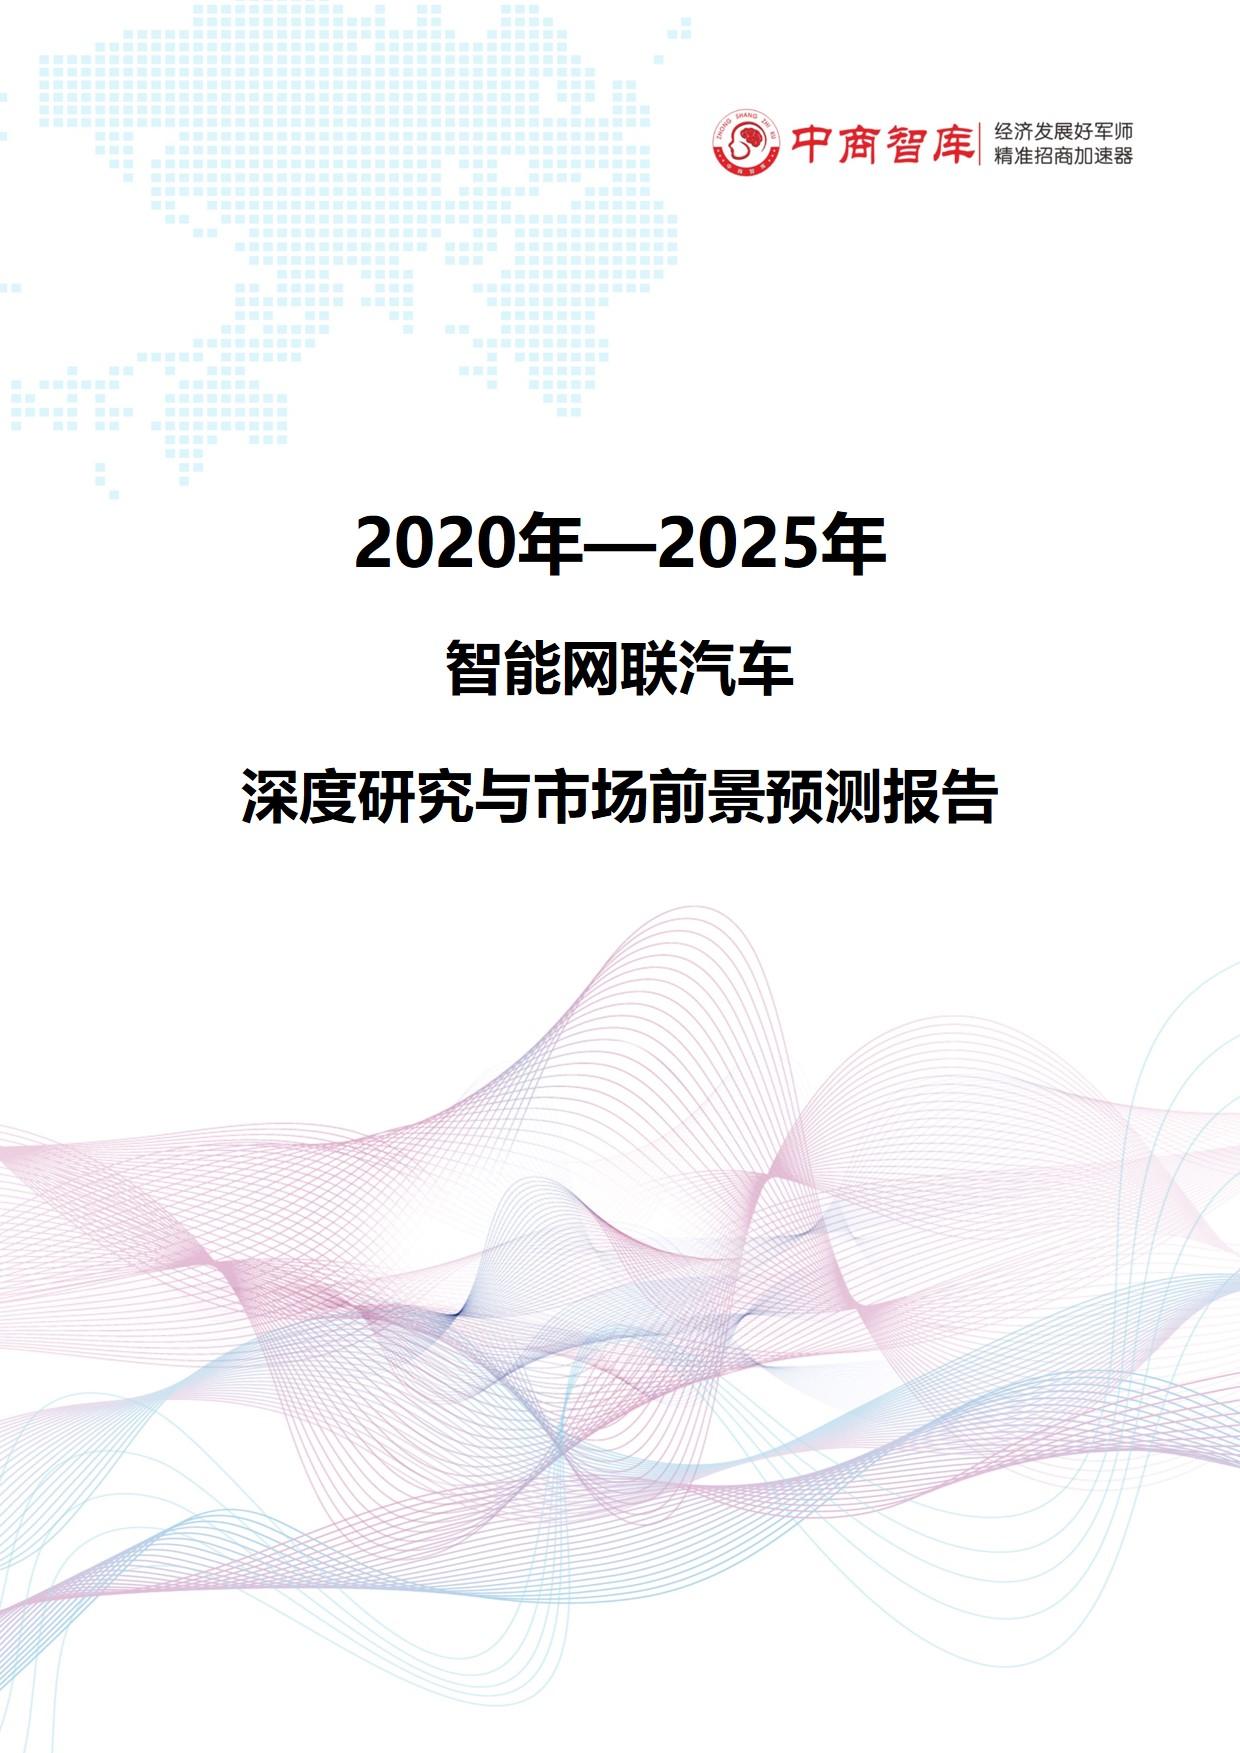 《2020-2025年智能网联汽车行业深度研究与市场前景预测报告》